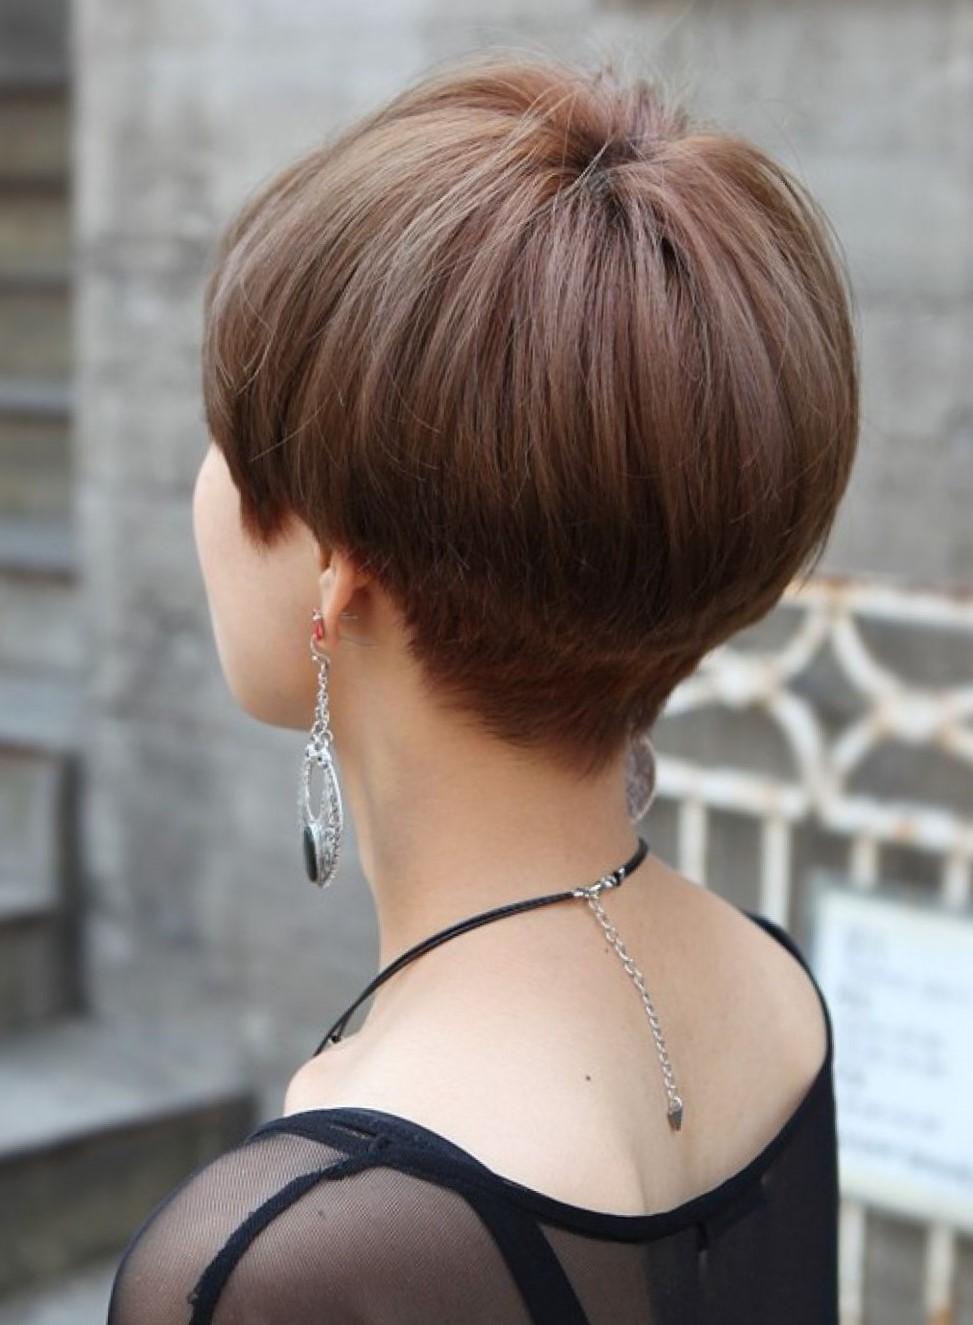 Стрижка шапочка на короткие волосы для круглого лица